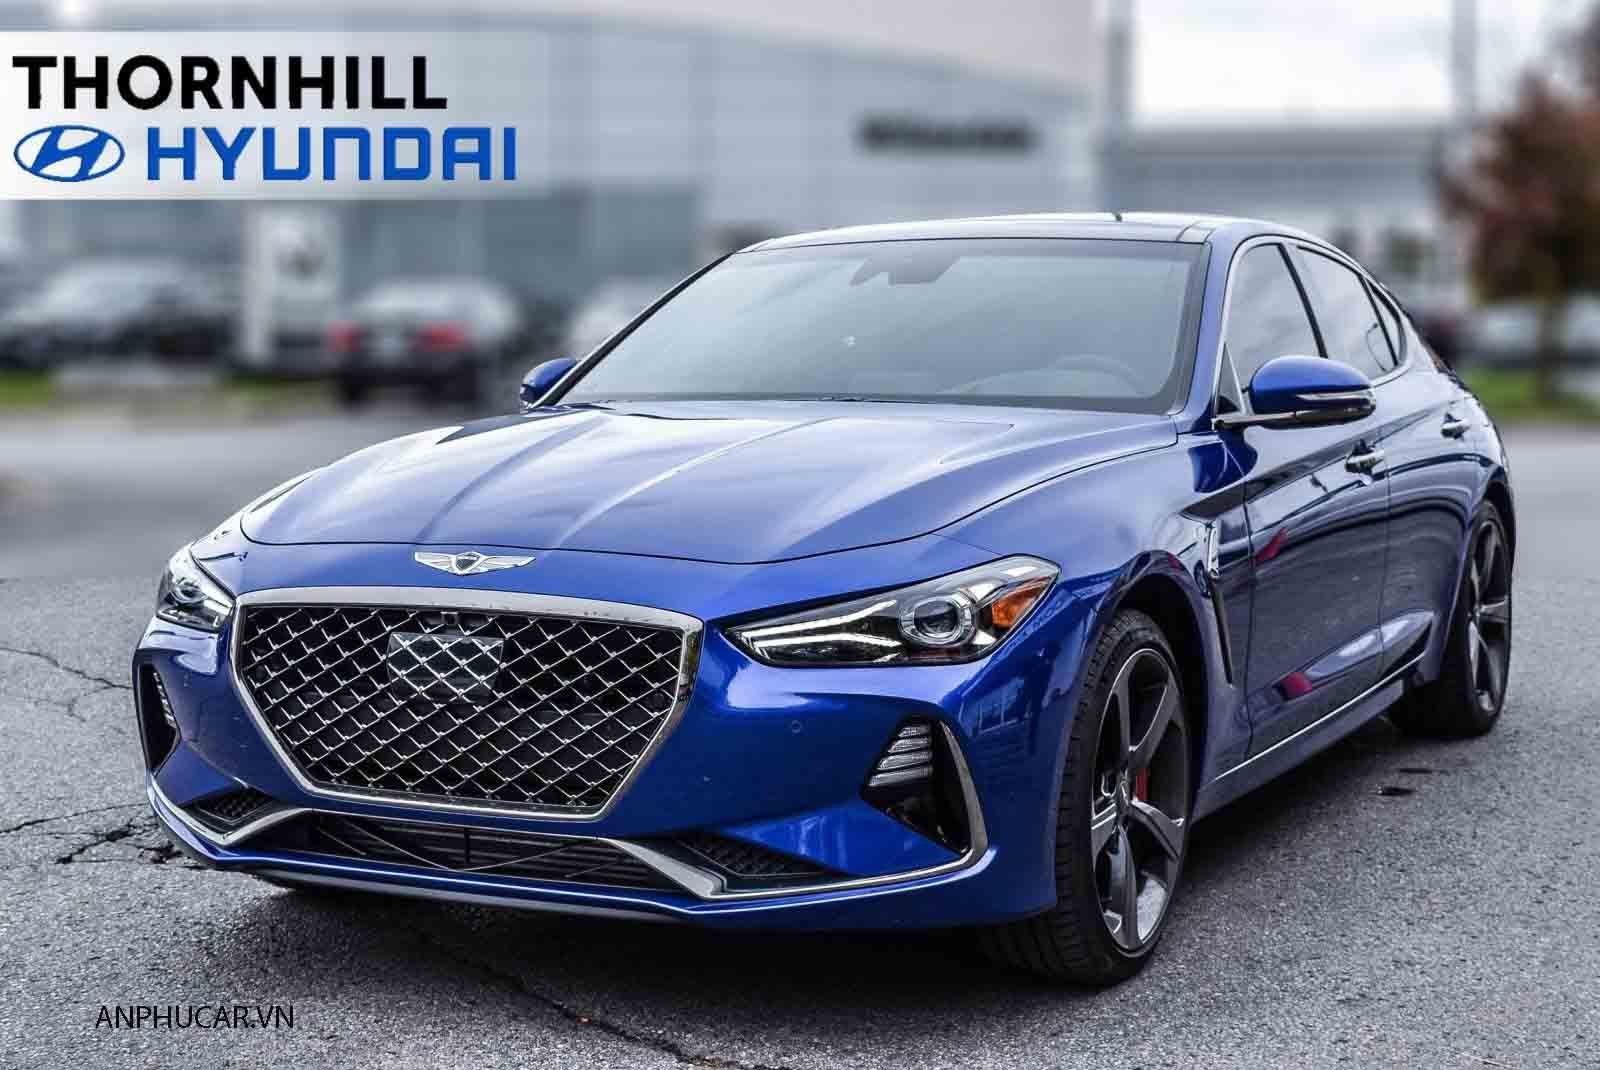 Đánh giá Hyundai Genesis 2020 mẫu xe sang trọng Hàn Quốc